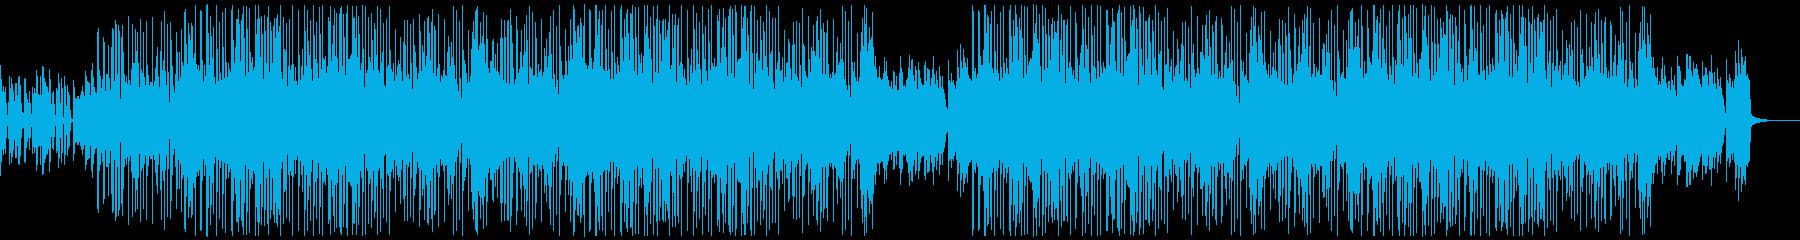 BPMおさえめおしゃれファンクBGMの再生済みの波形